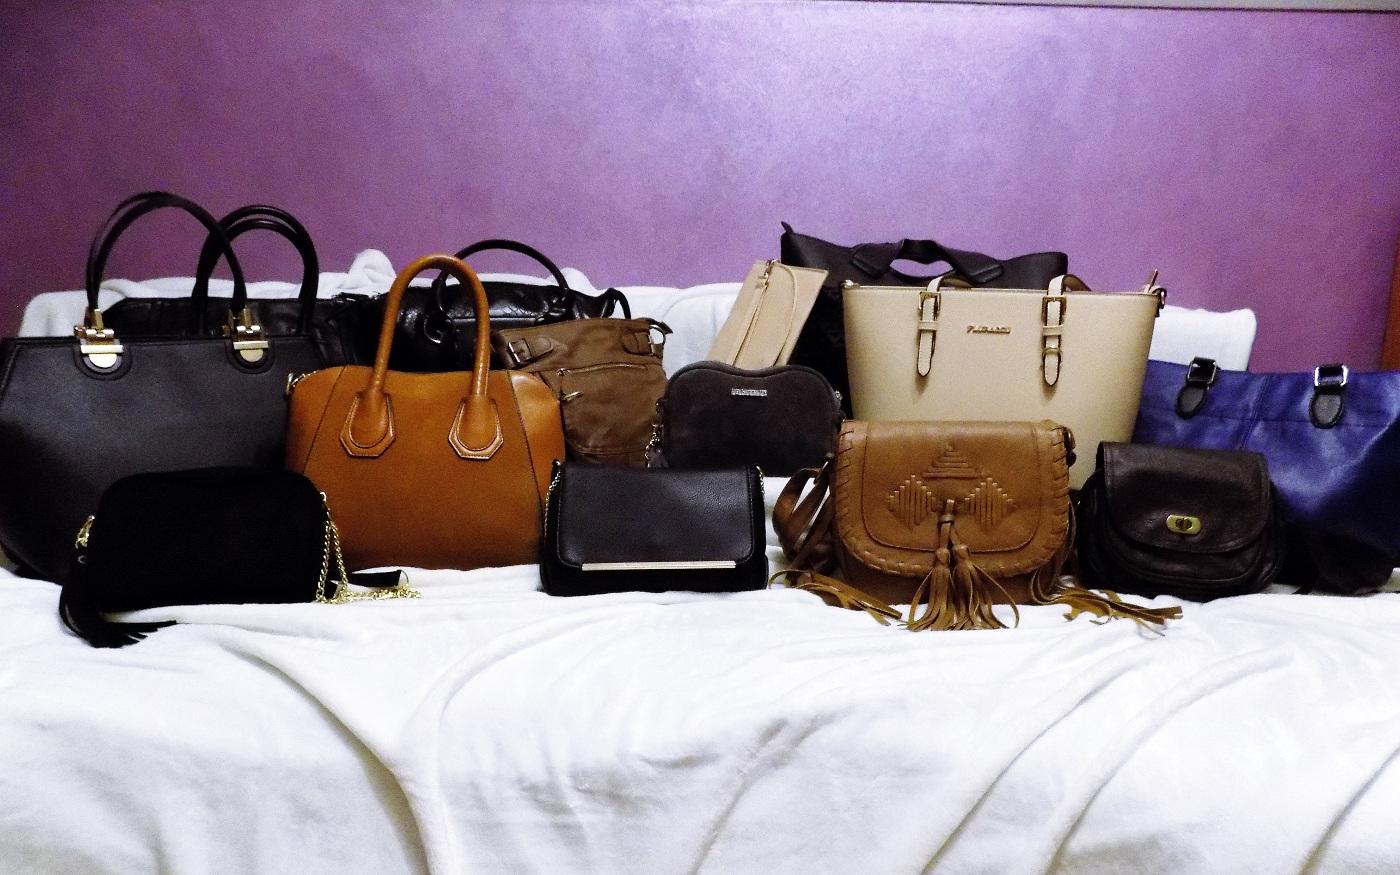 3e541039e8f25 Nie są to wszystkie torebki, bo niektórych nie warto pokazywać. Mam  nadzieję, że za rok będę mogła się Wam pochwalić już jedną markową.